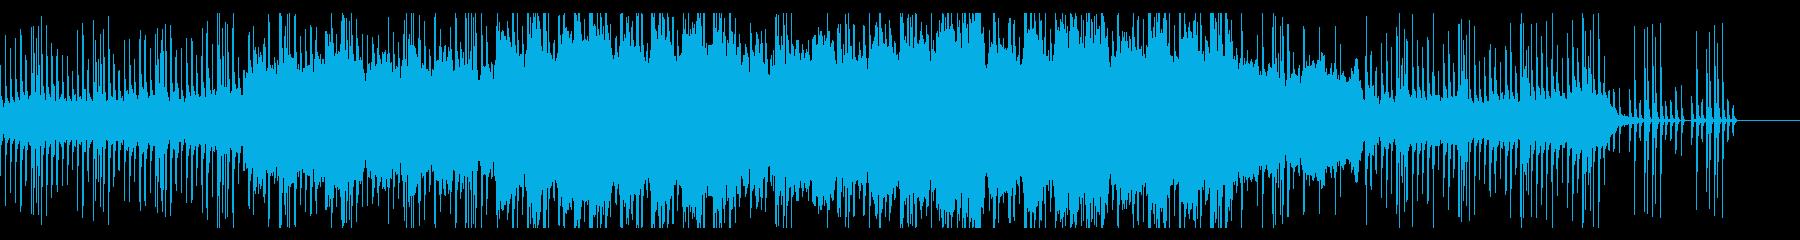 切ない尺八のメロディーの和風曲の再生済みの波形